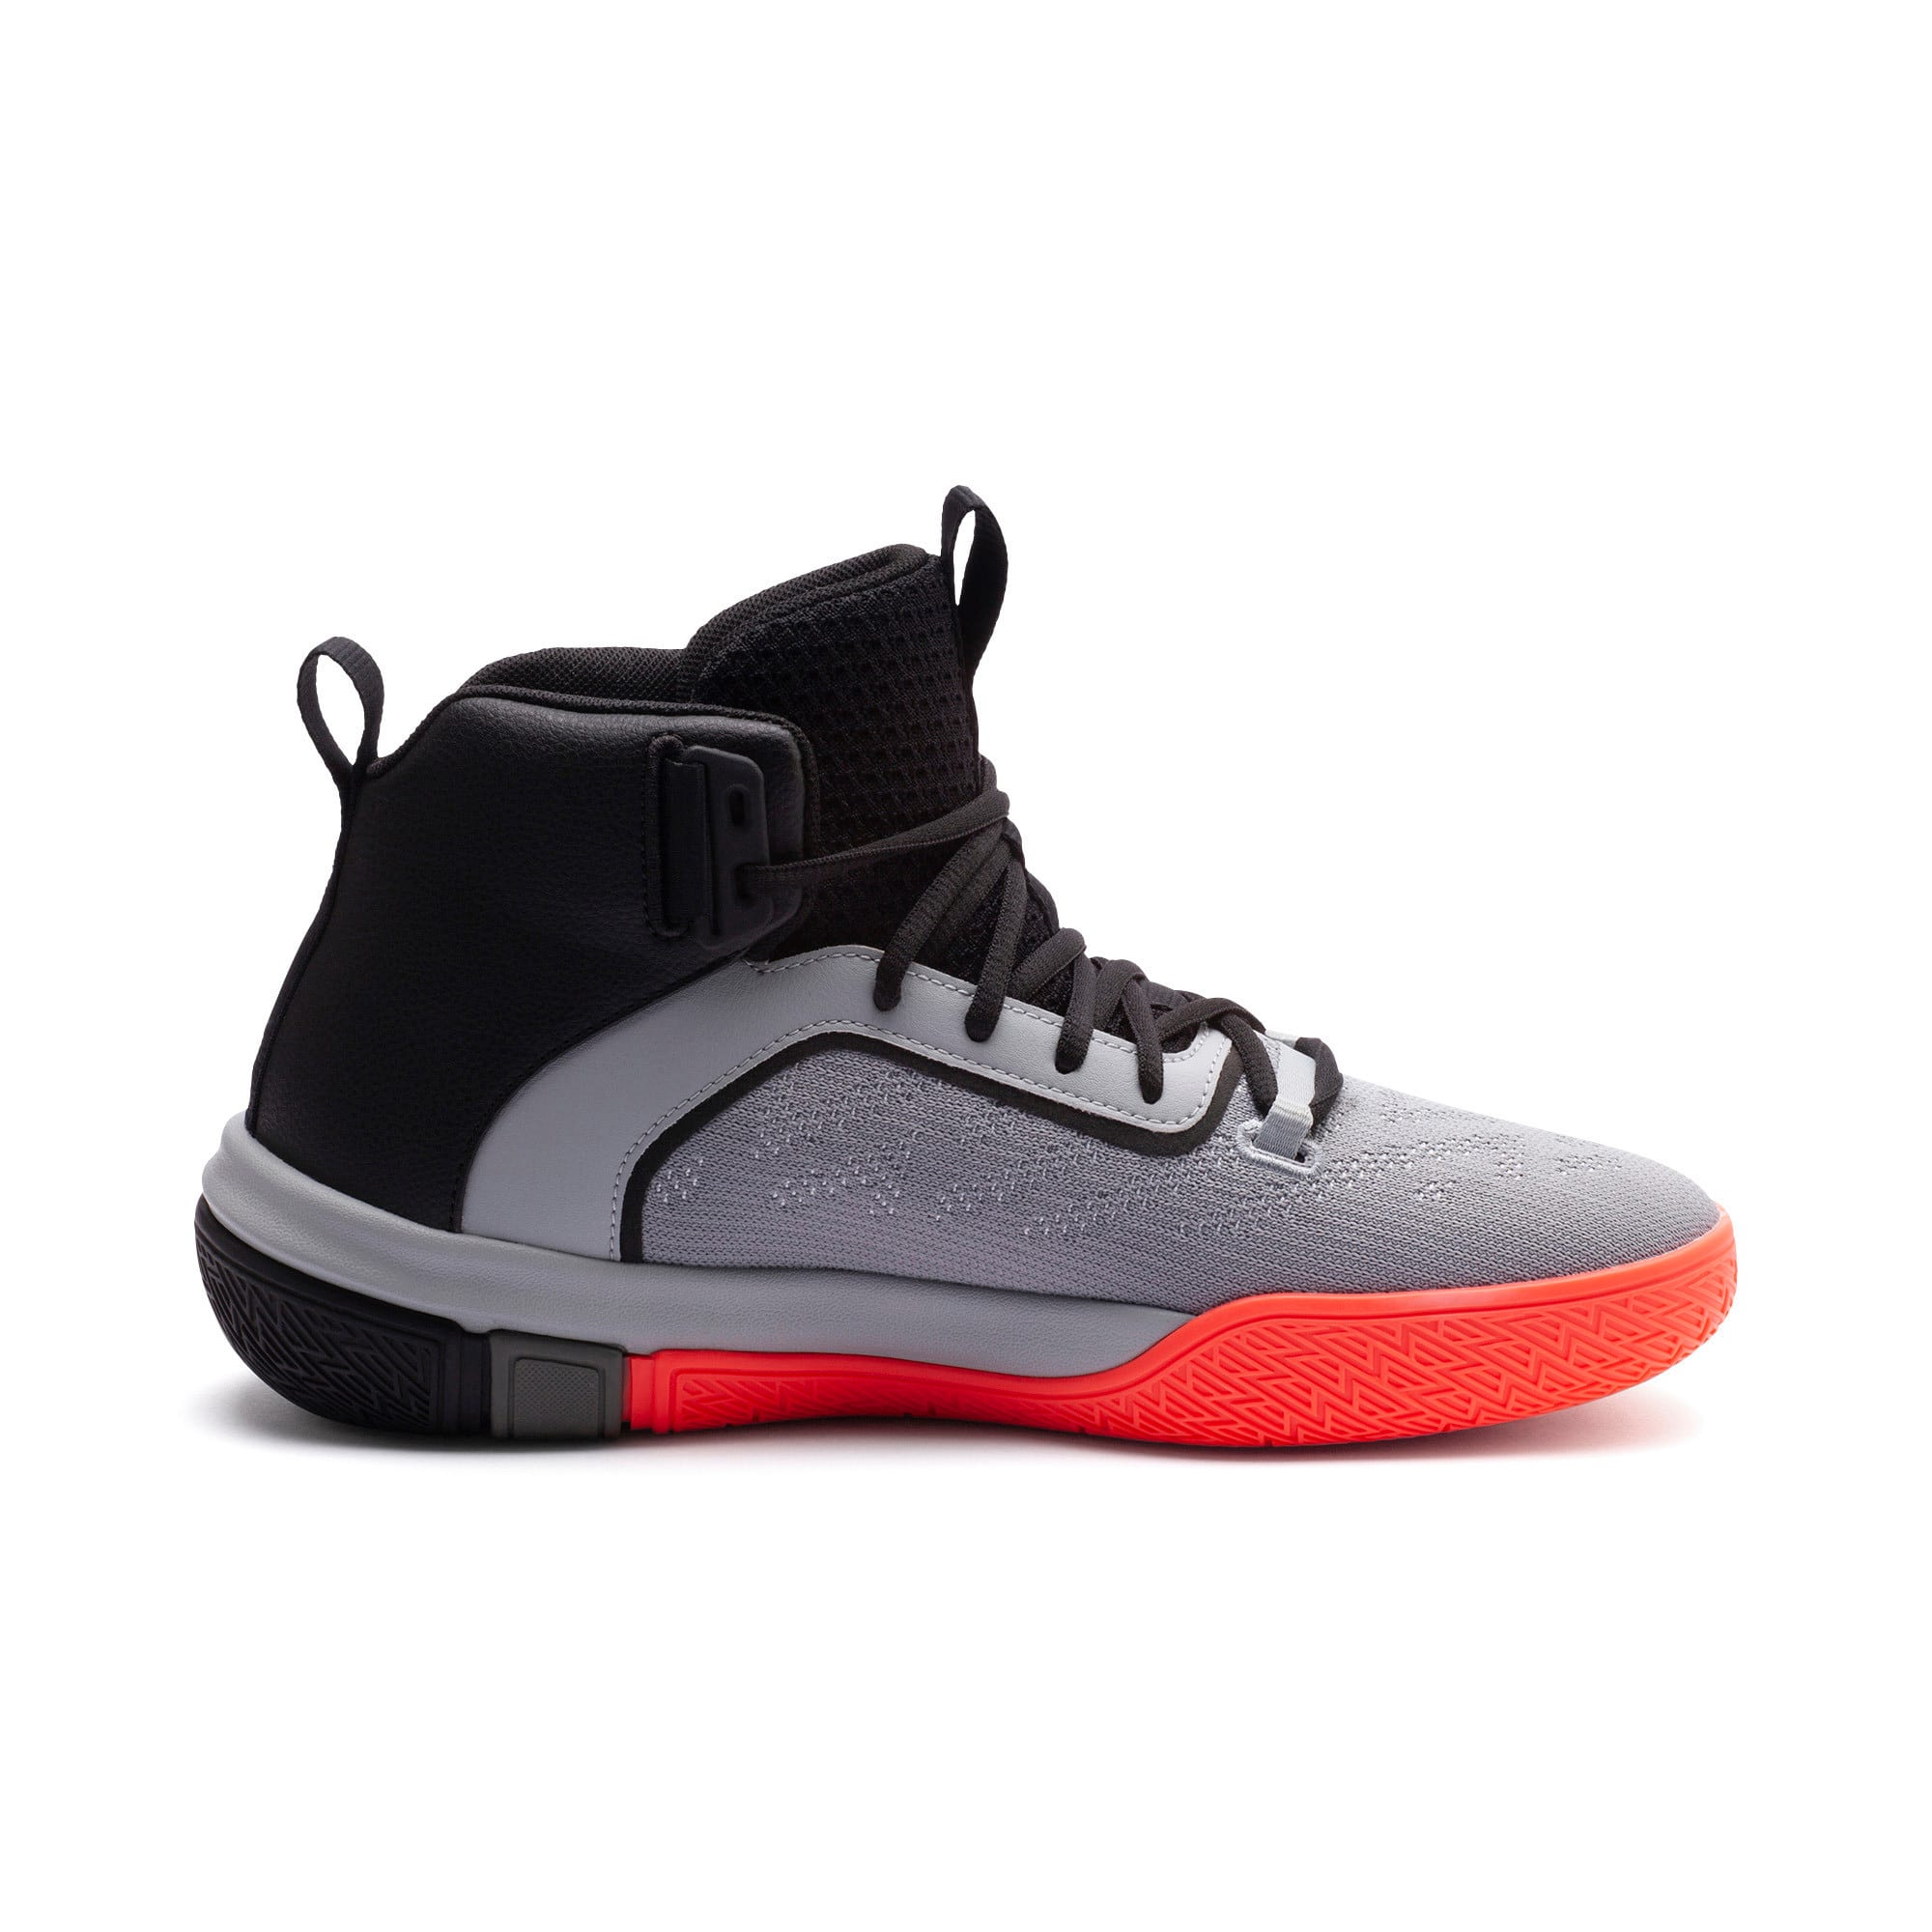 Thumbnail 5 of Chaussure de basket Legacy Disrupt pour homme, Puma Black-Red Blast, medium